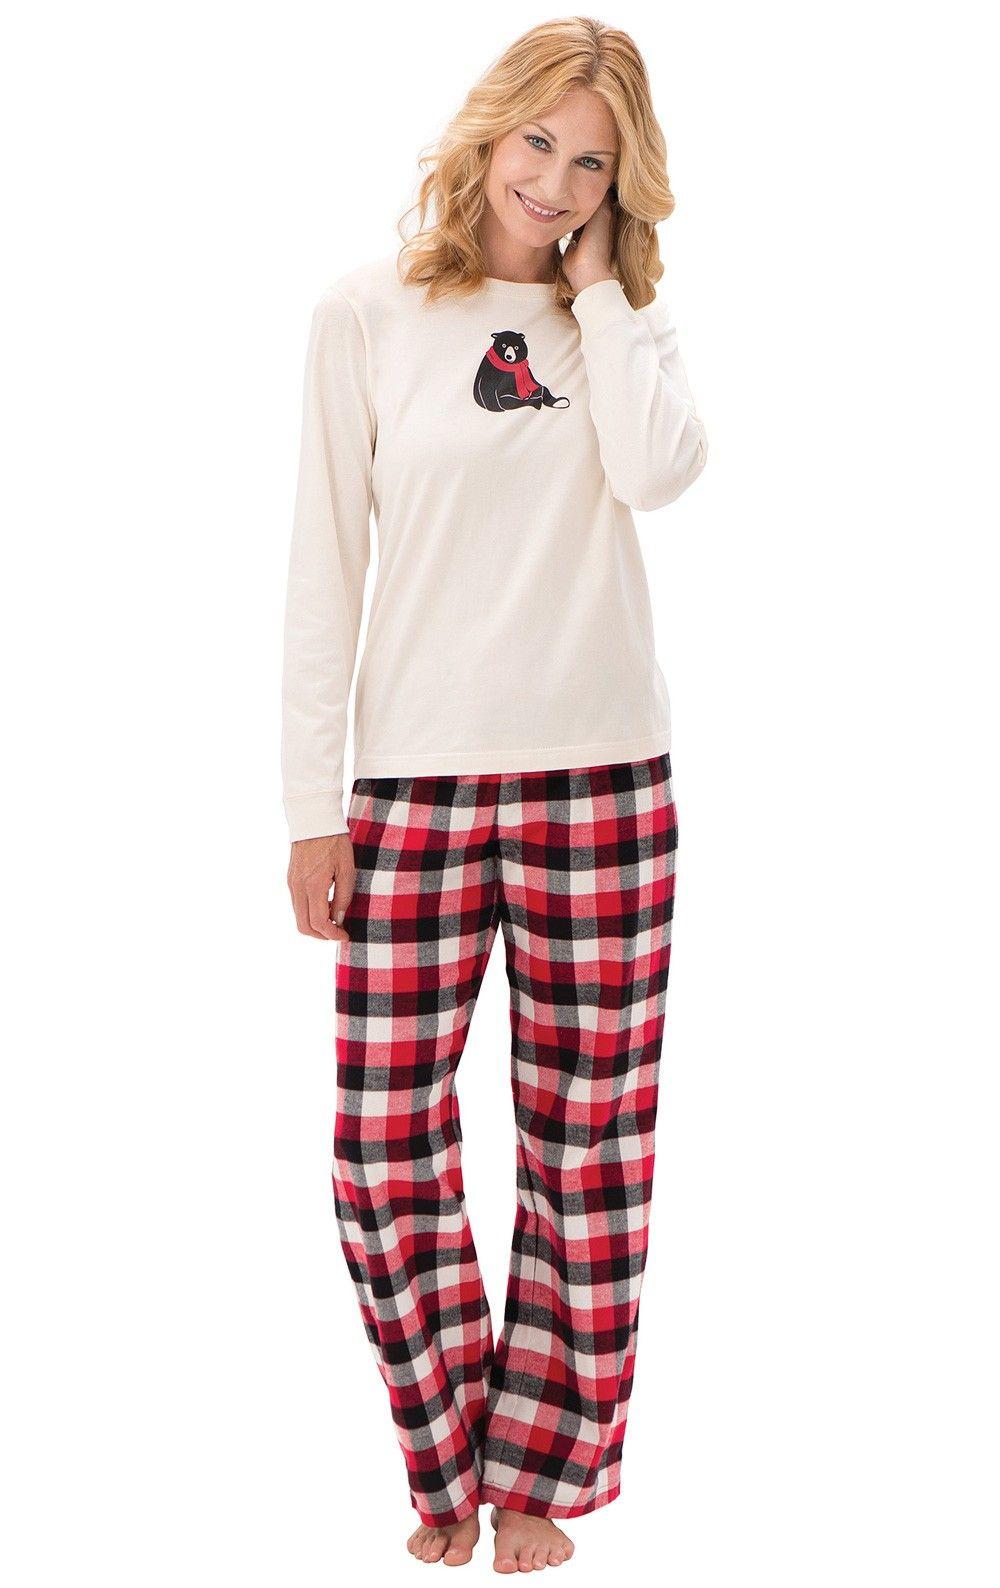 HiBEARnate Women's Pajamas View All Pajamas for Women